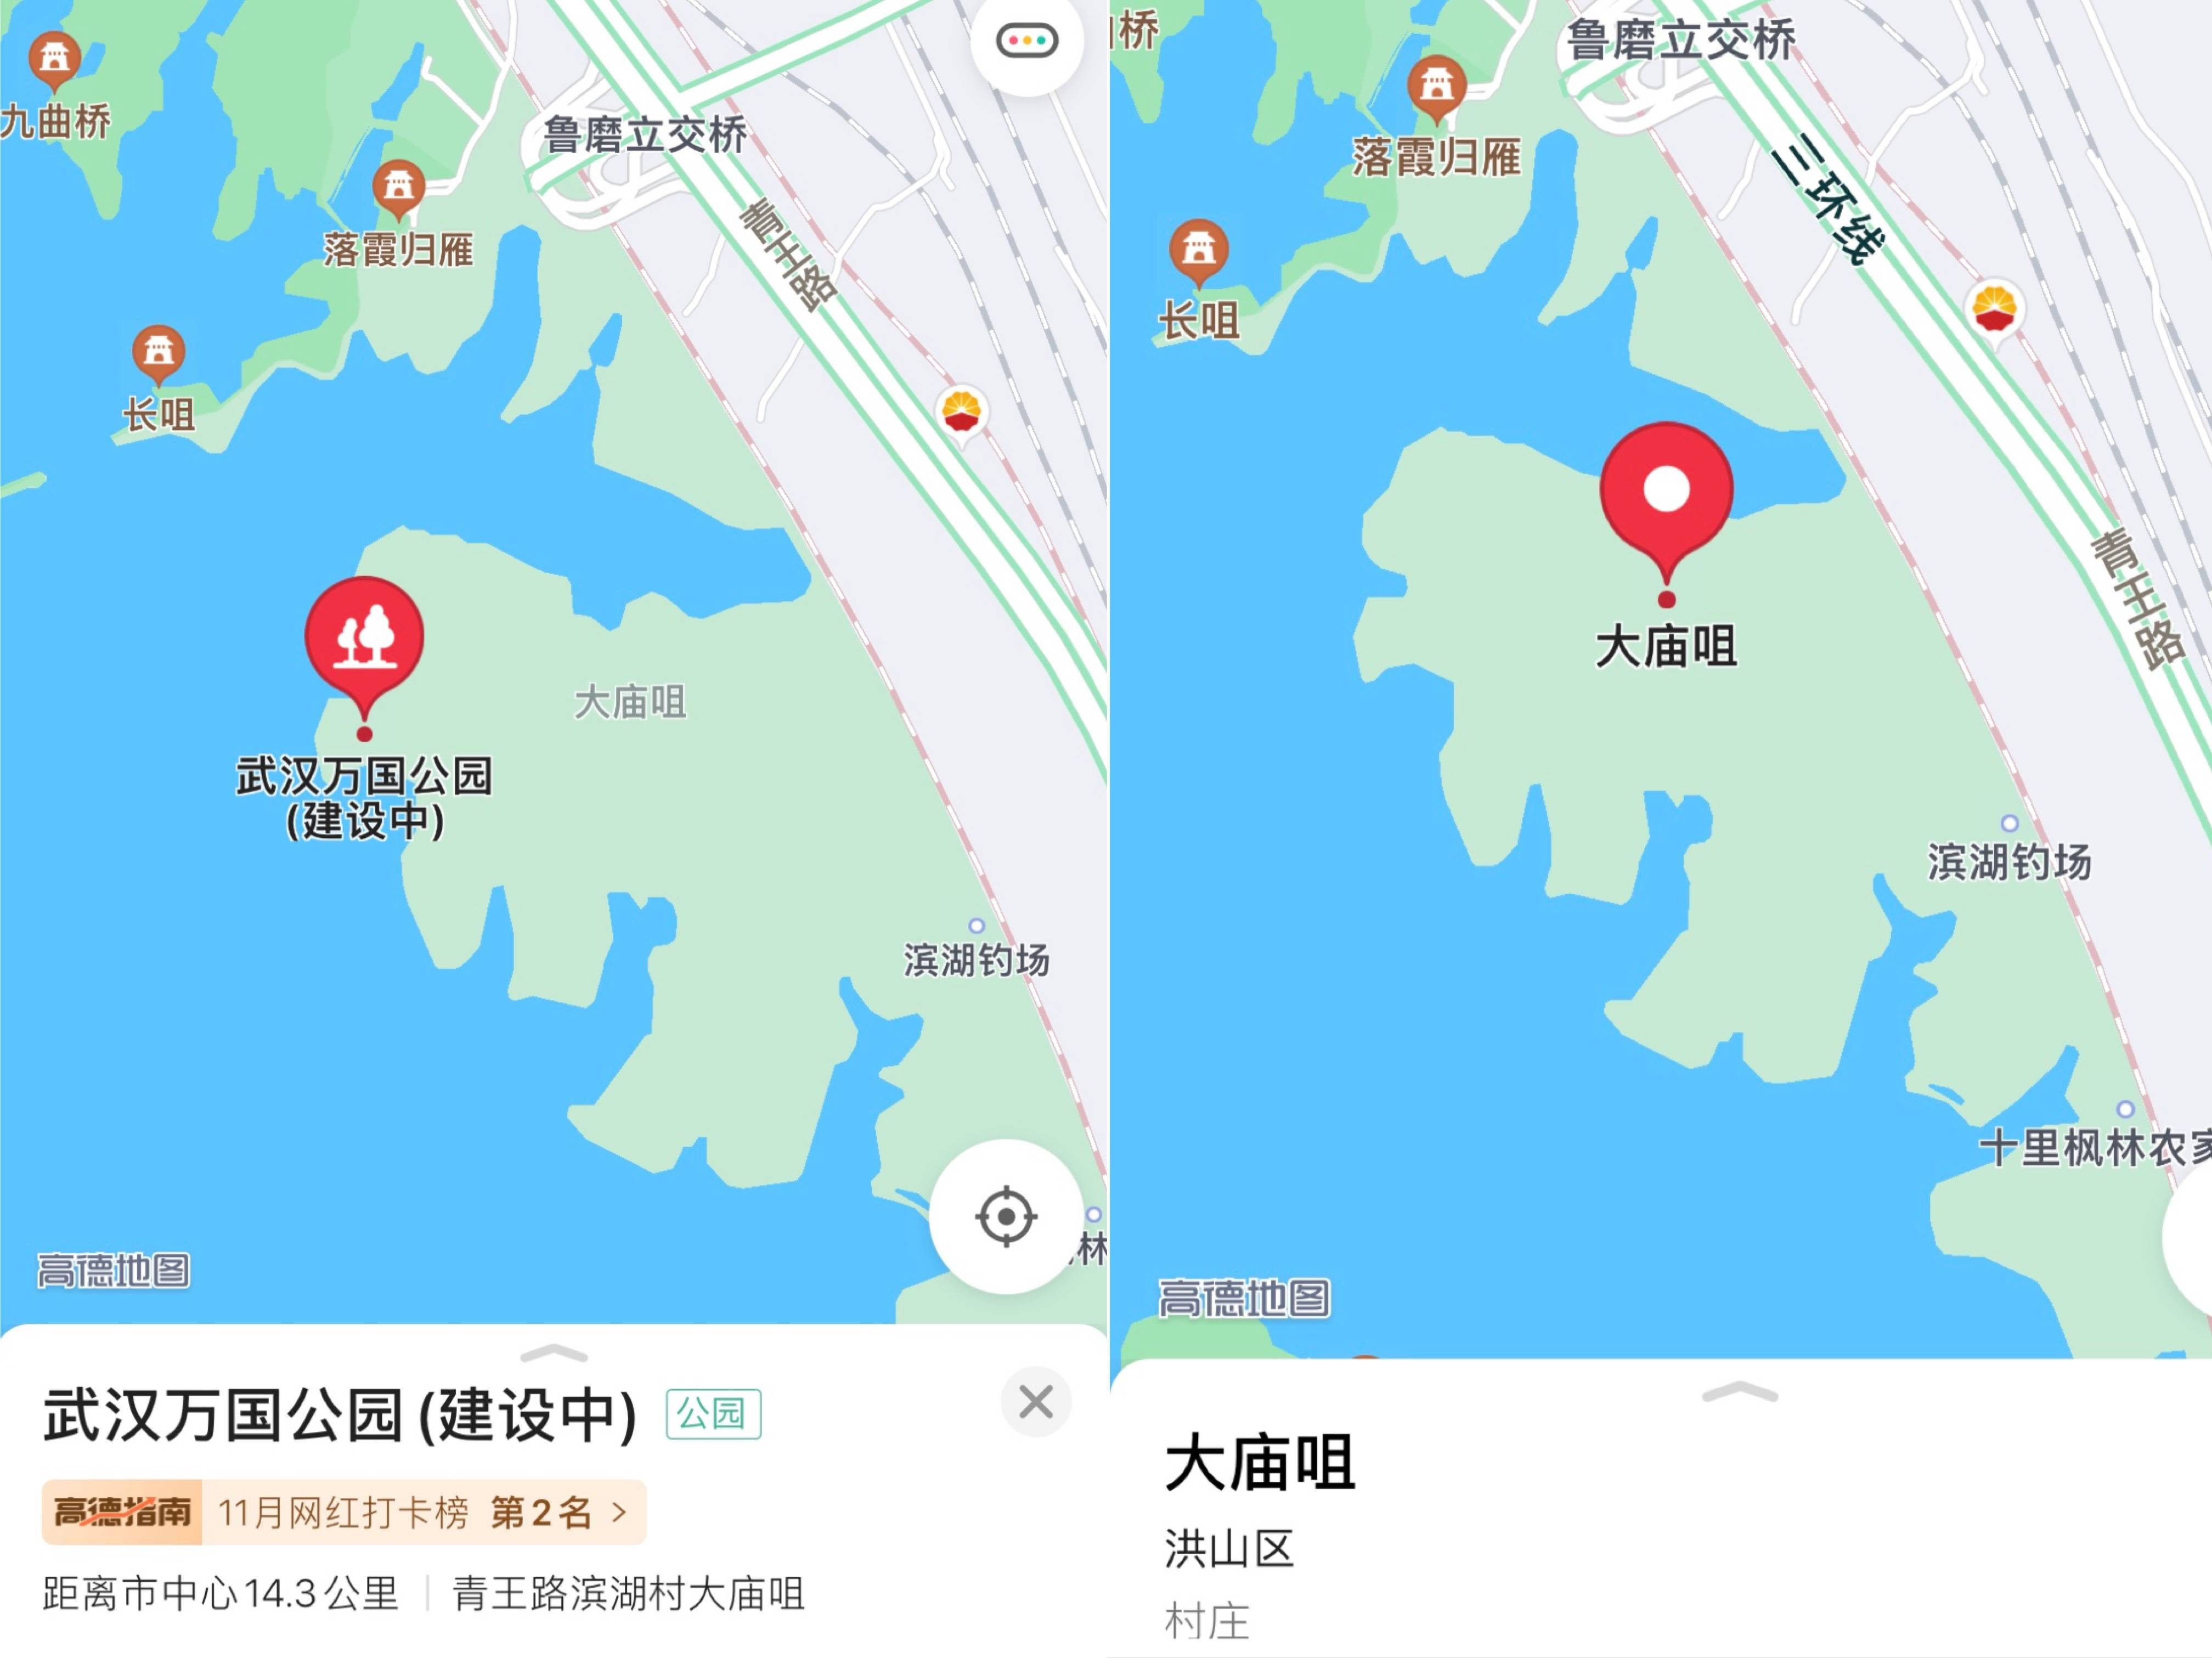 """原创             发现一处武汉深处的""""古村"""",网上资料几乎空白,它究竟有何来历"""